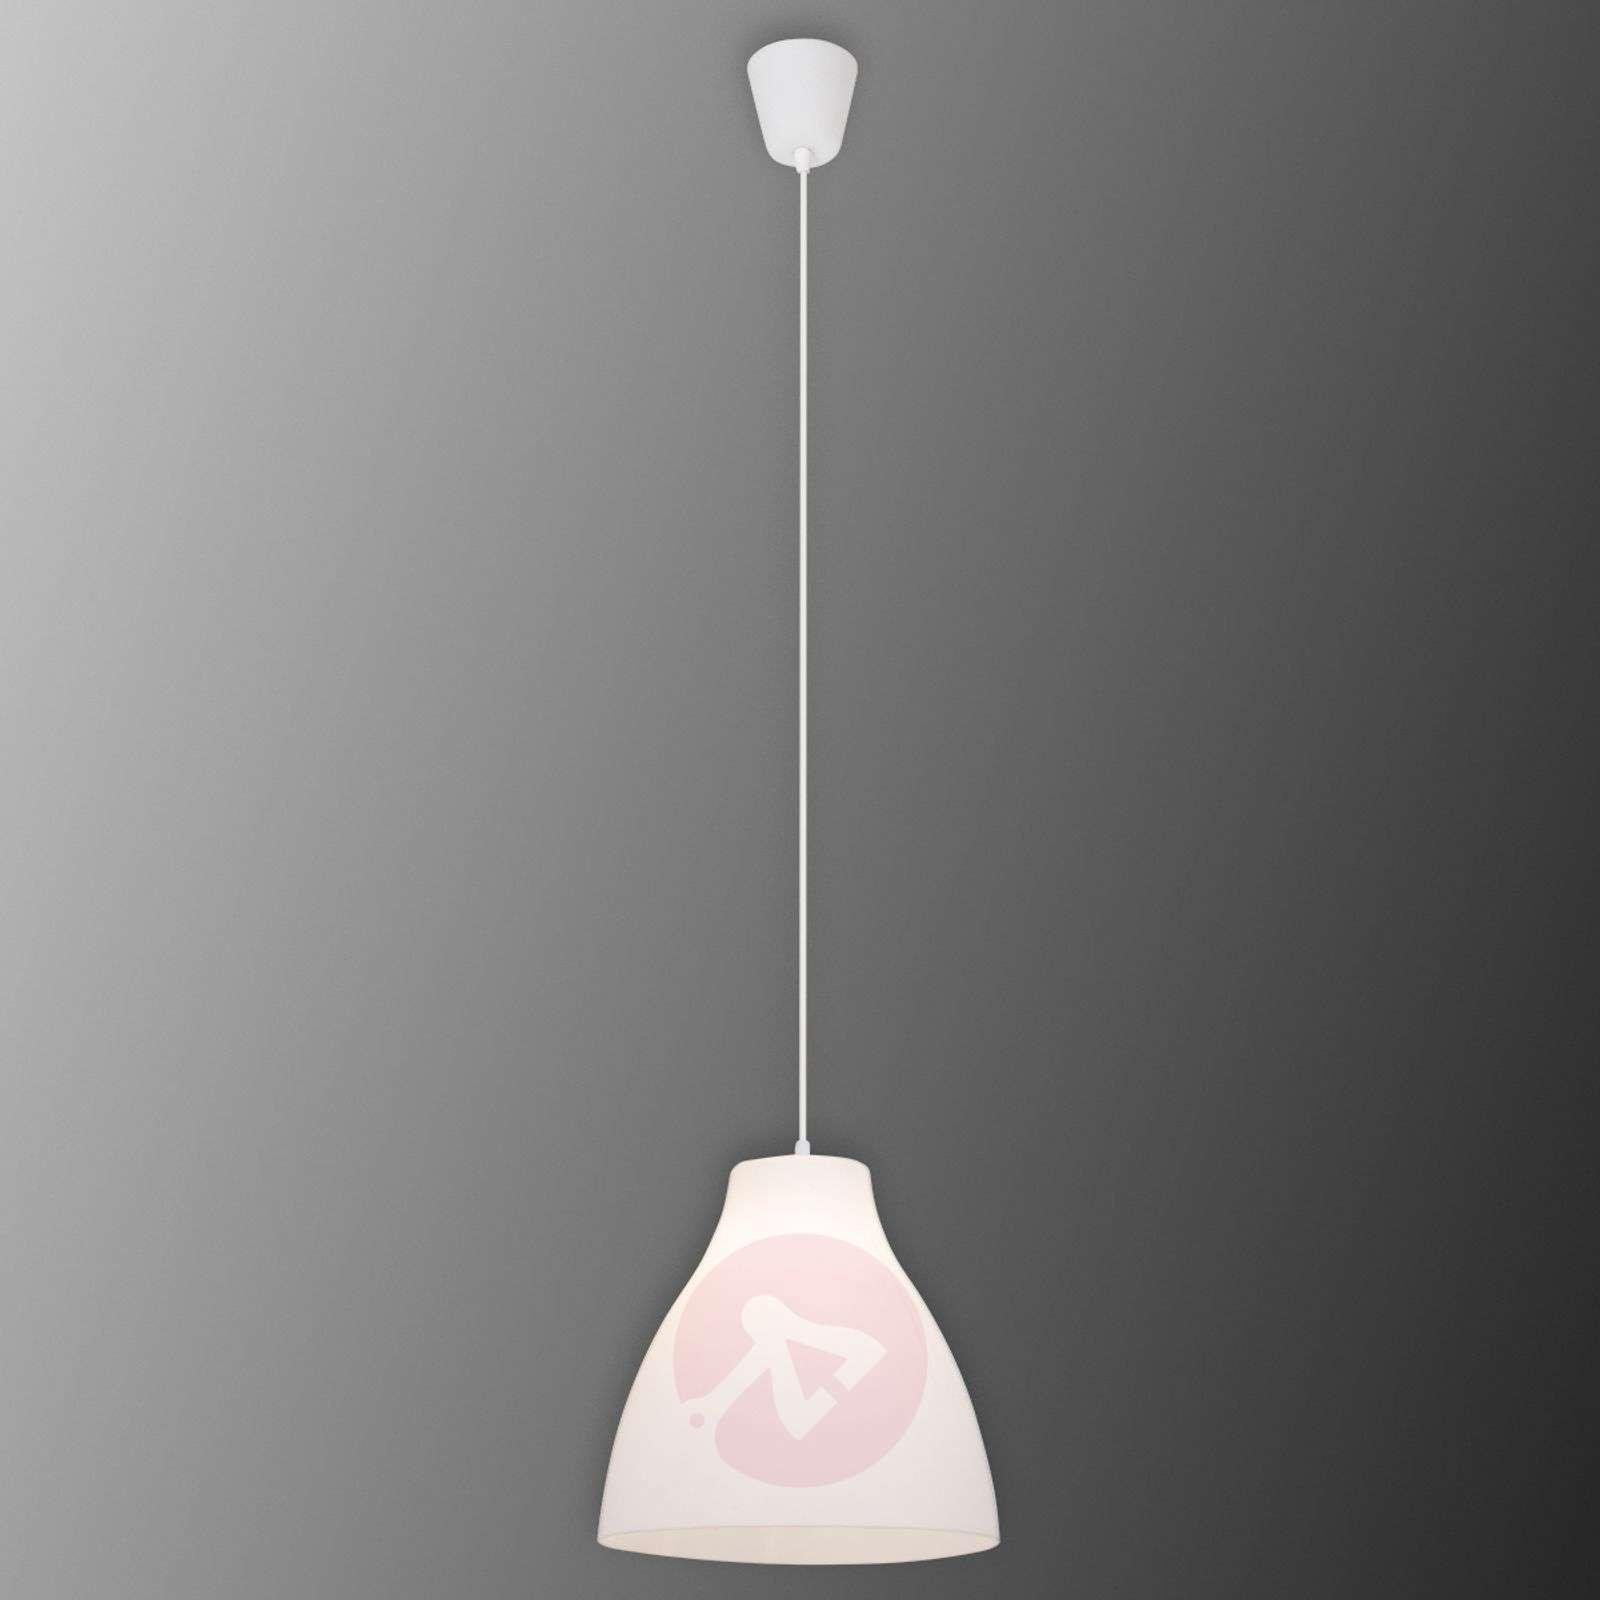 Bizen – valkoinen riippuvalaisin-1508993-01